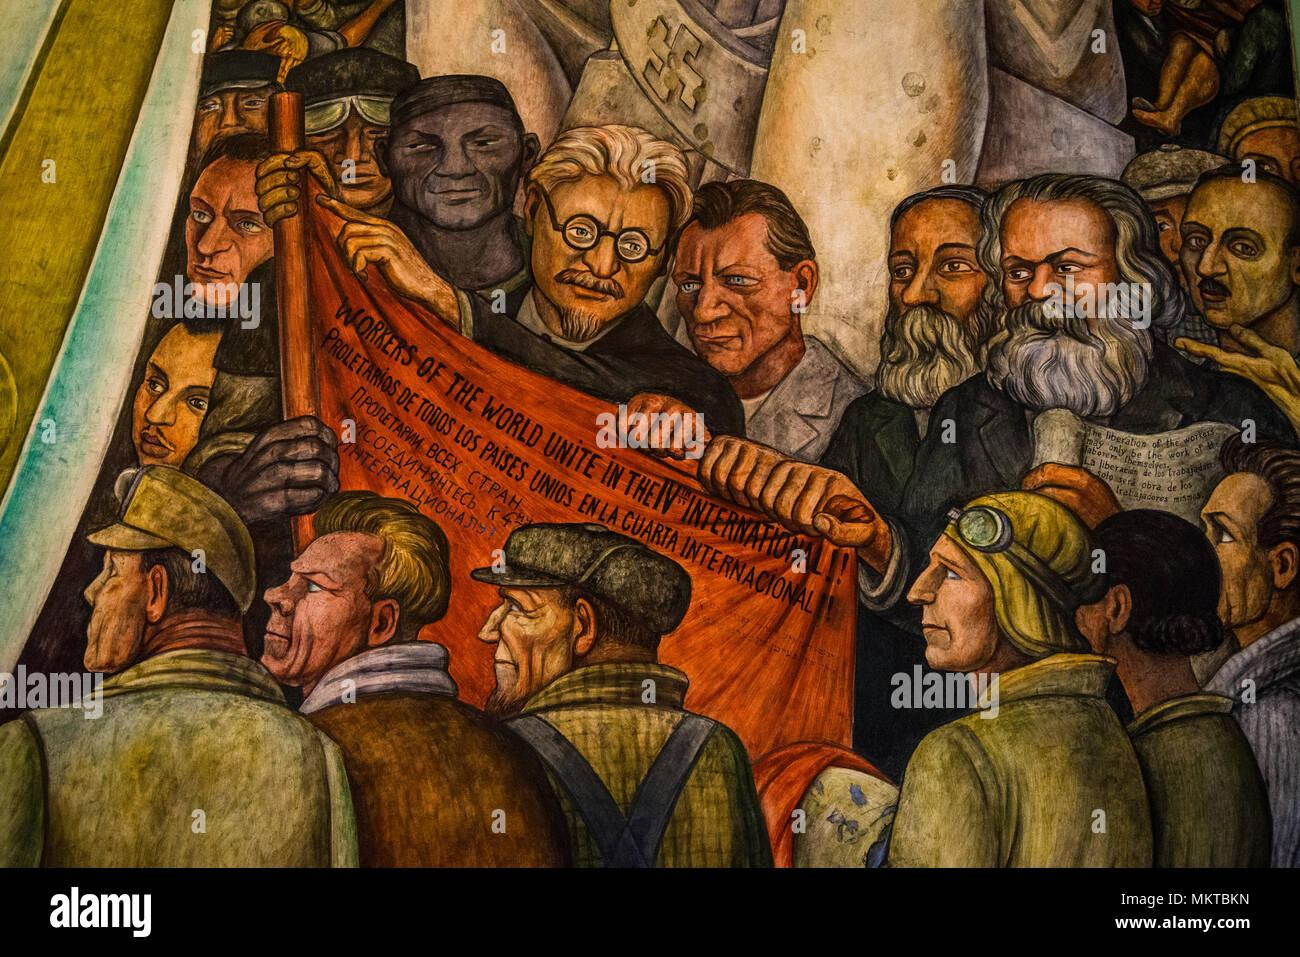 Leon Trotsky En El Mural De Diego Rivera El Hombre En La